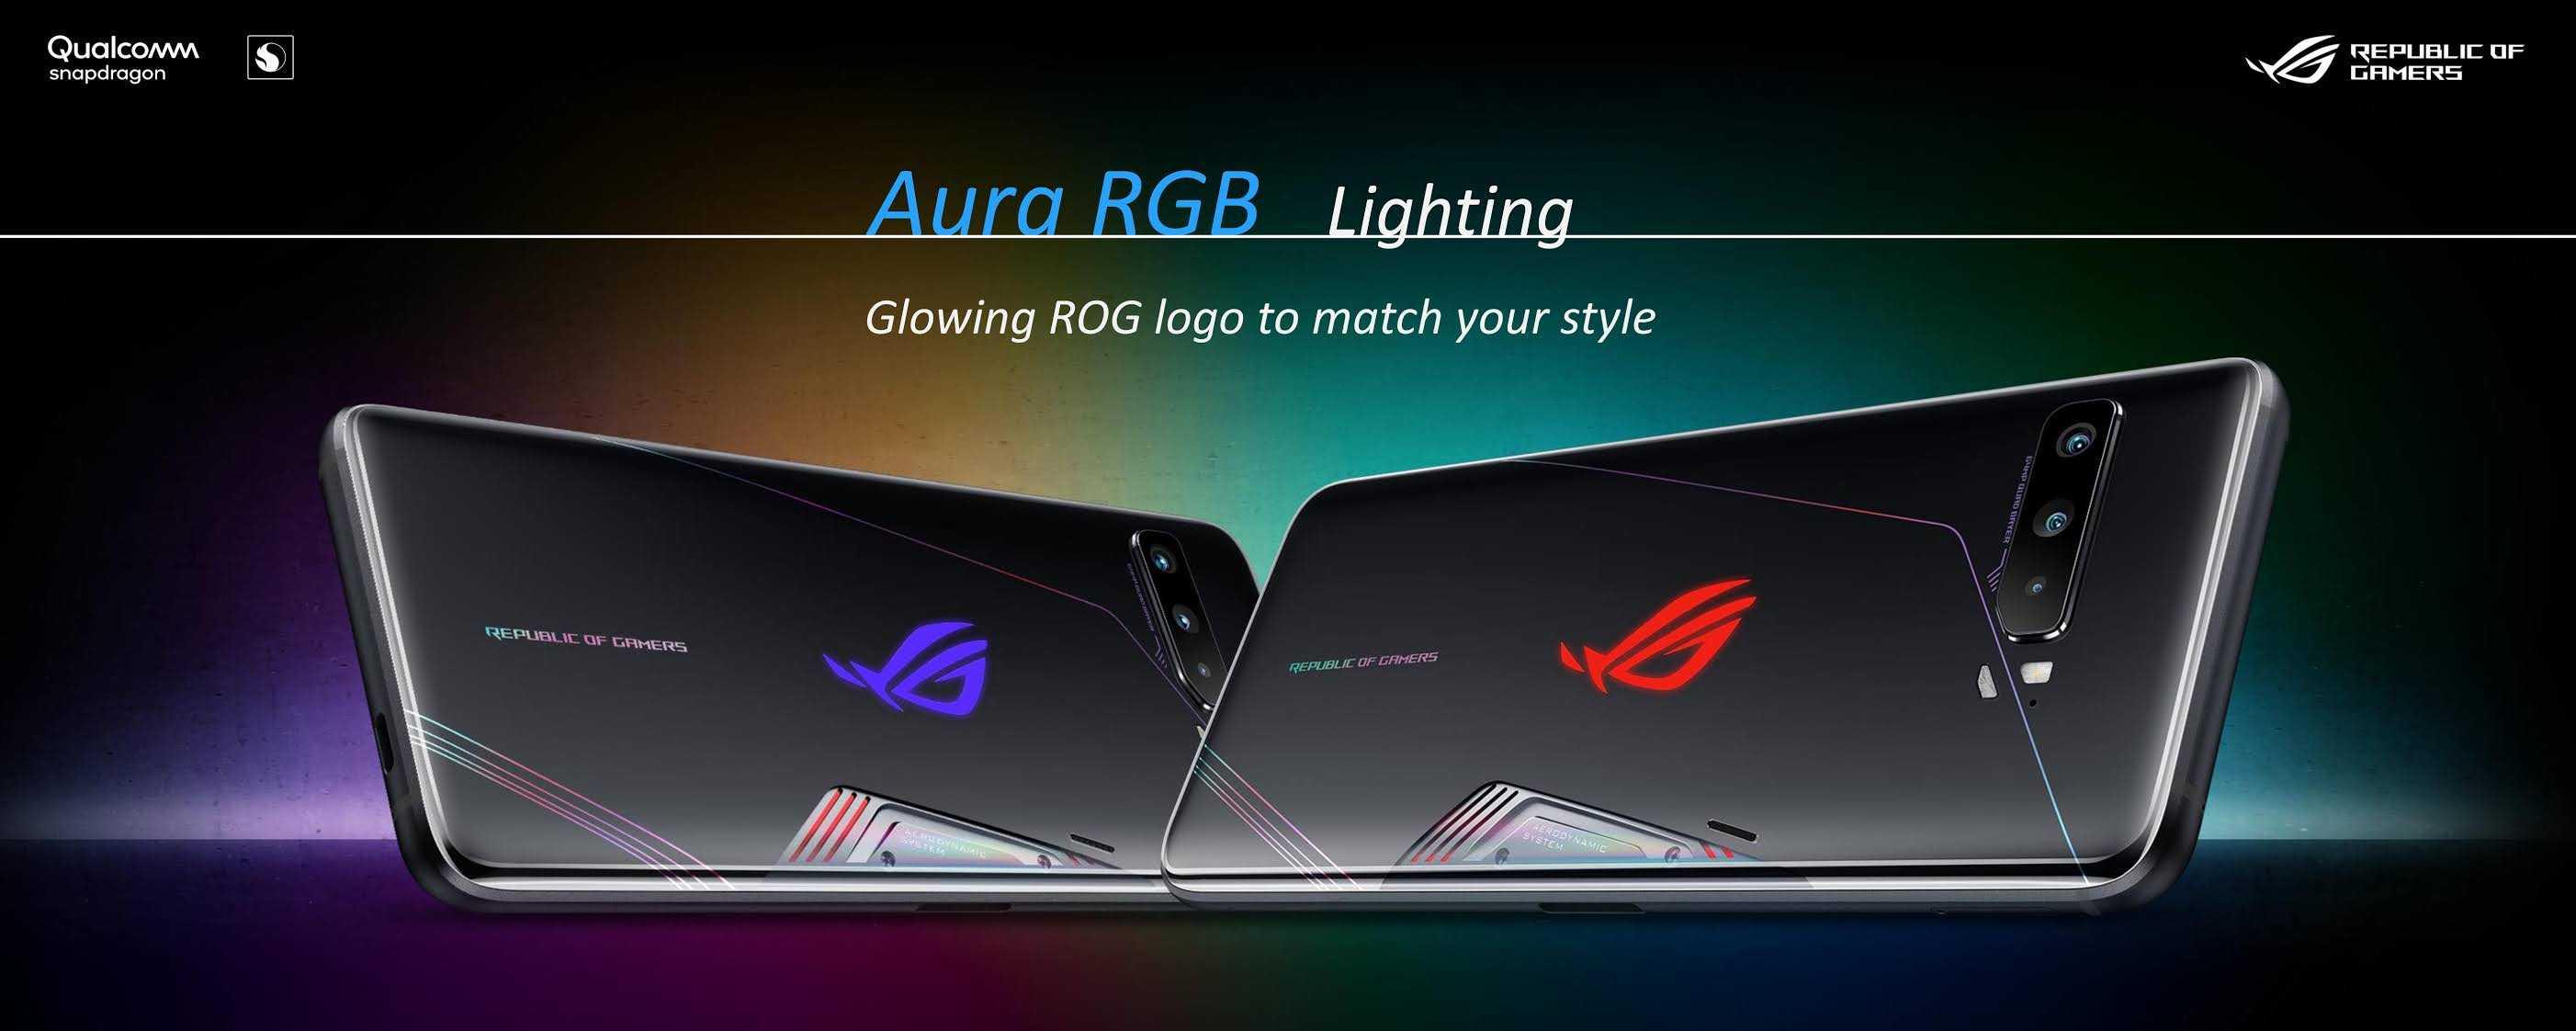 Обзор asus rog phone 3 — характеристики, отличия от предыдущего поколения и цены - super g